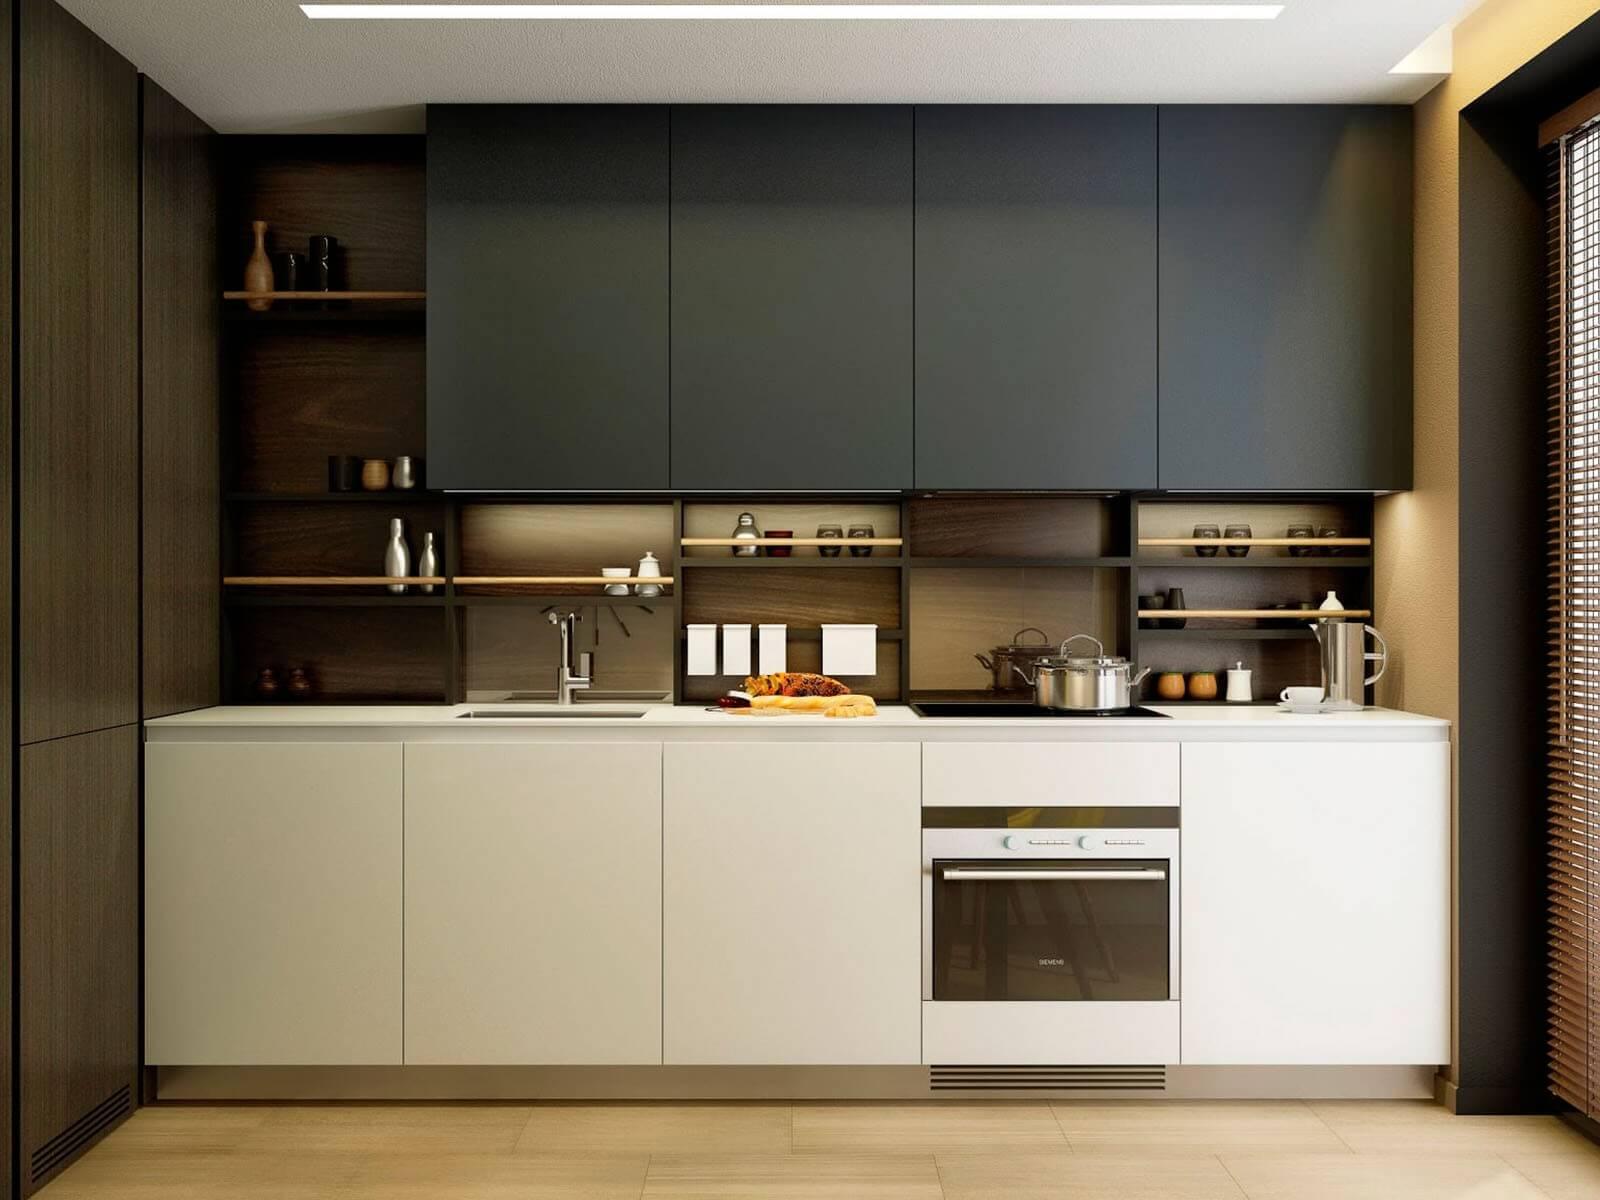 дизайн кухни 9 кв м минимализм